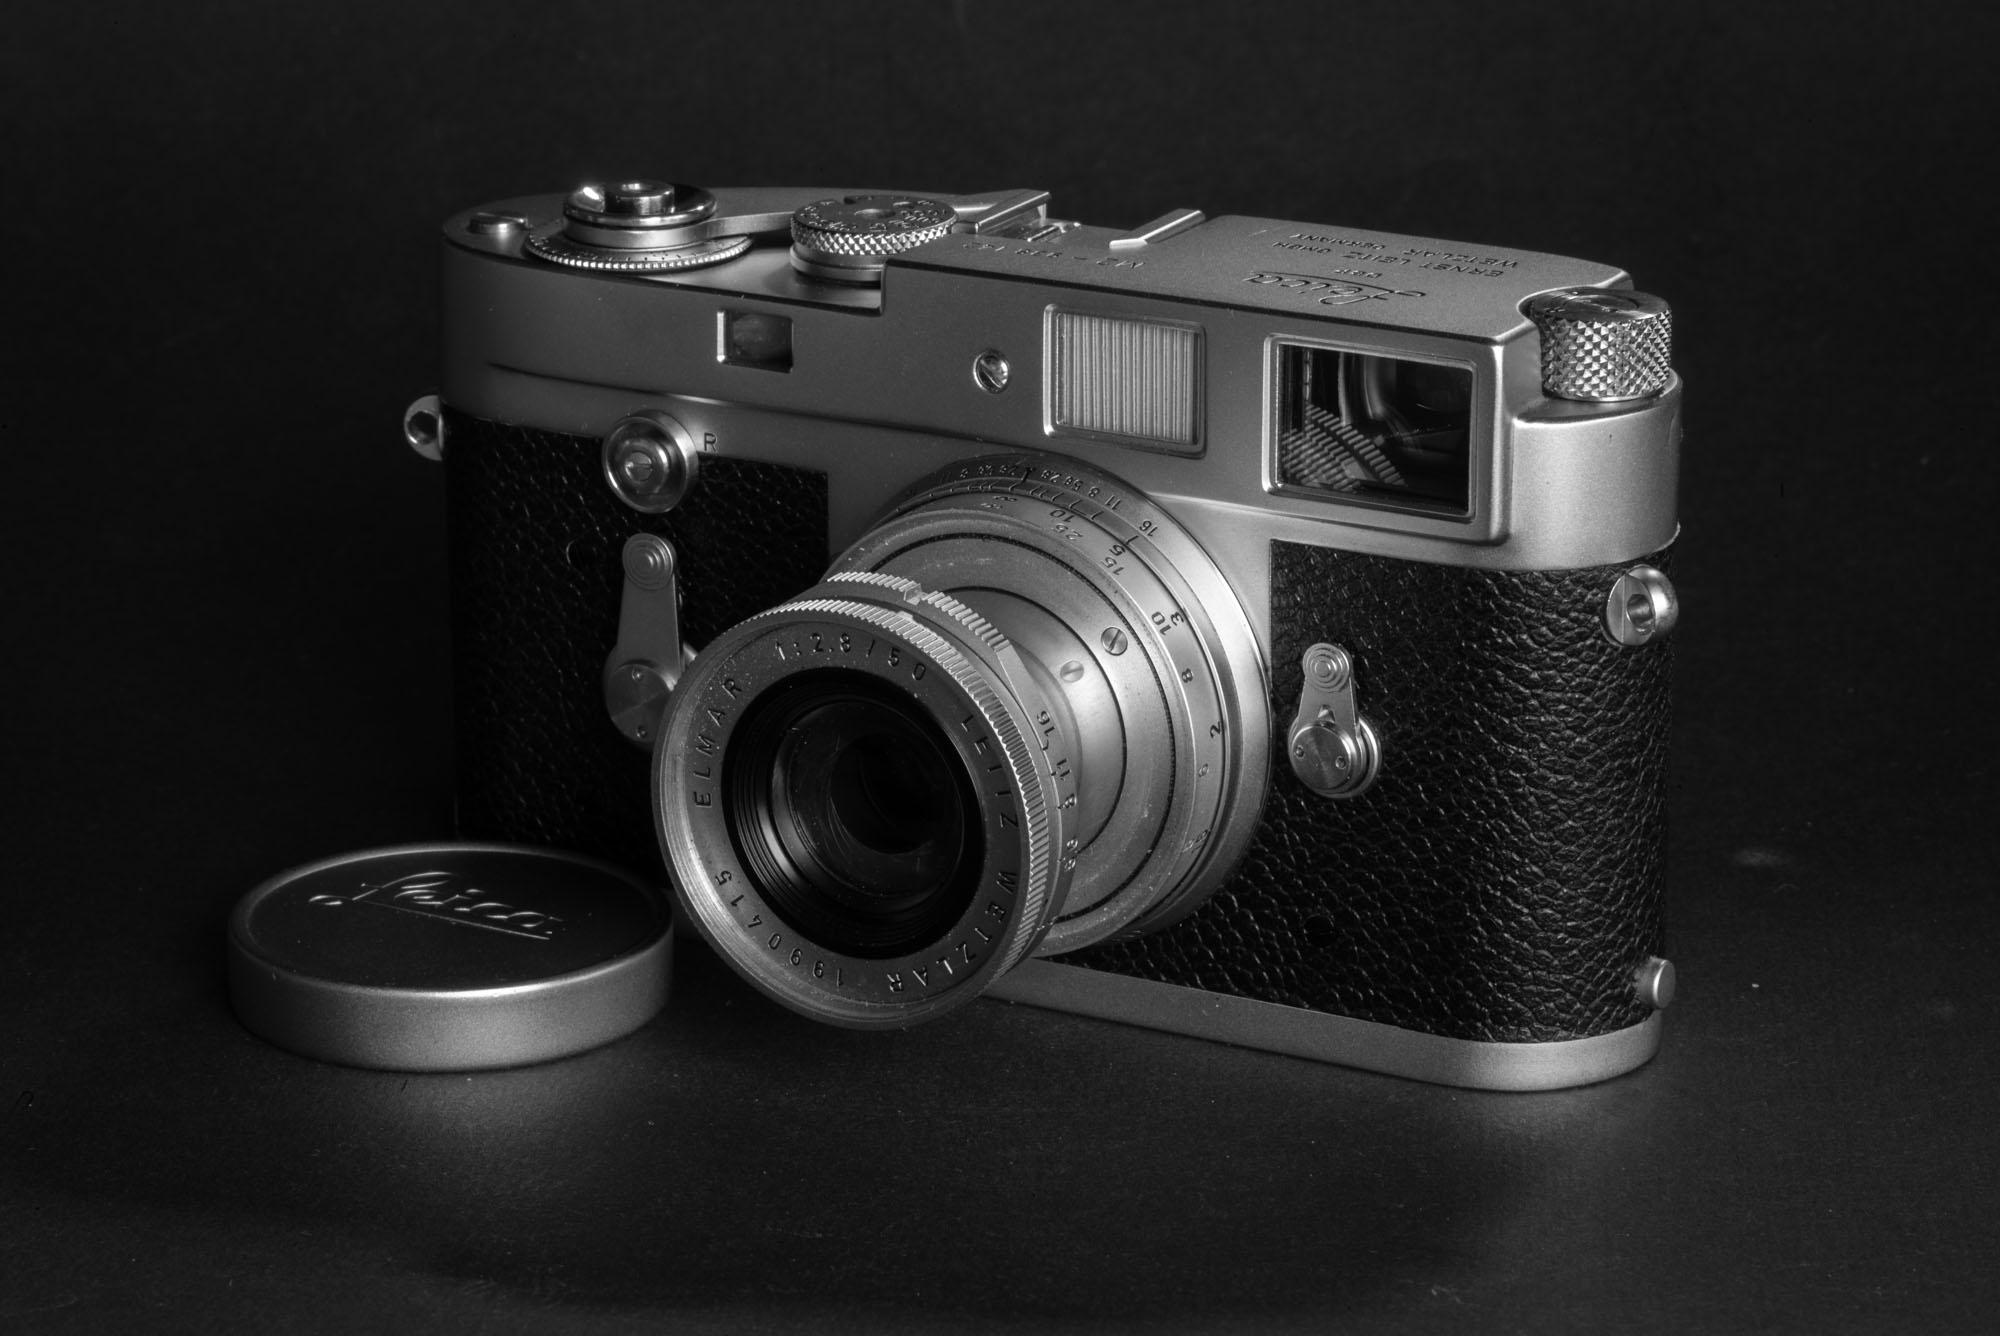 Leica M Entfernungsmesser Justieren : Die analogen m leicas messsucherweltmesssucherwelt